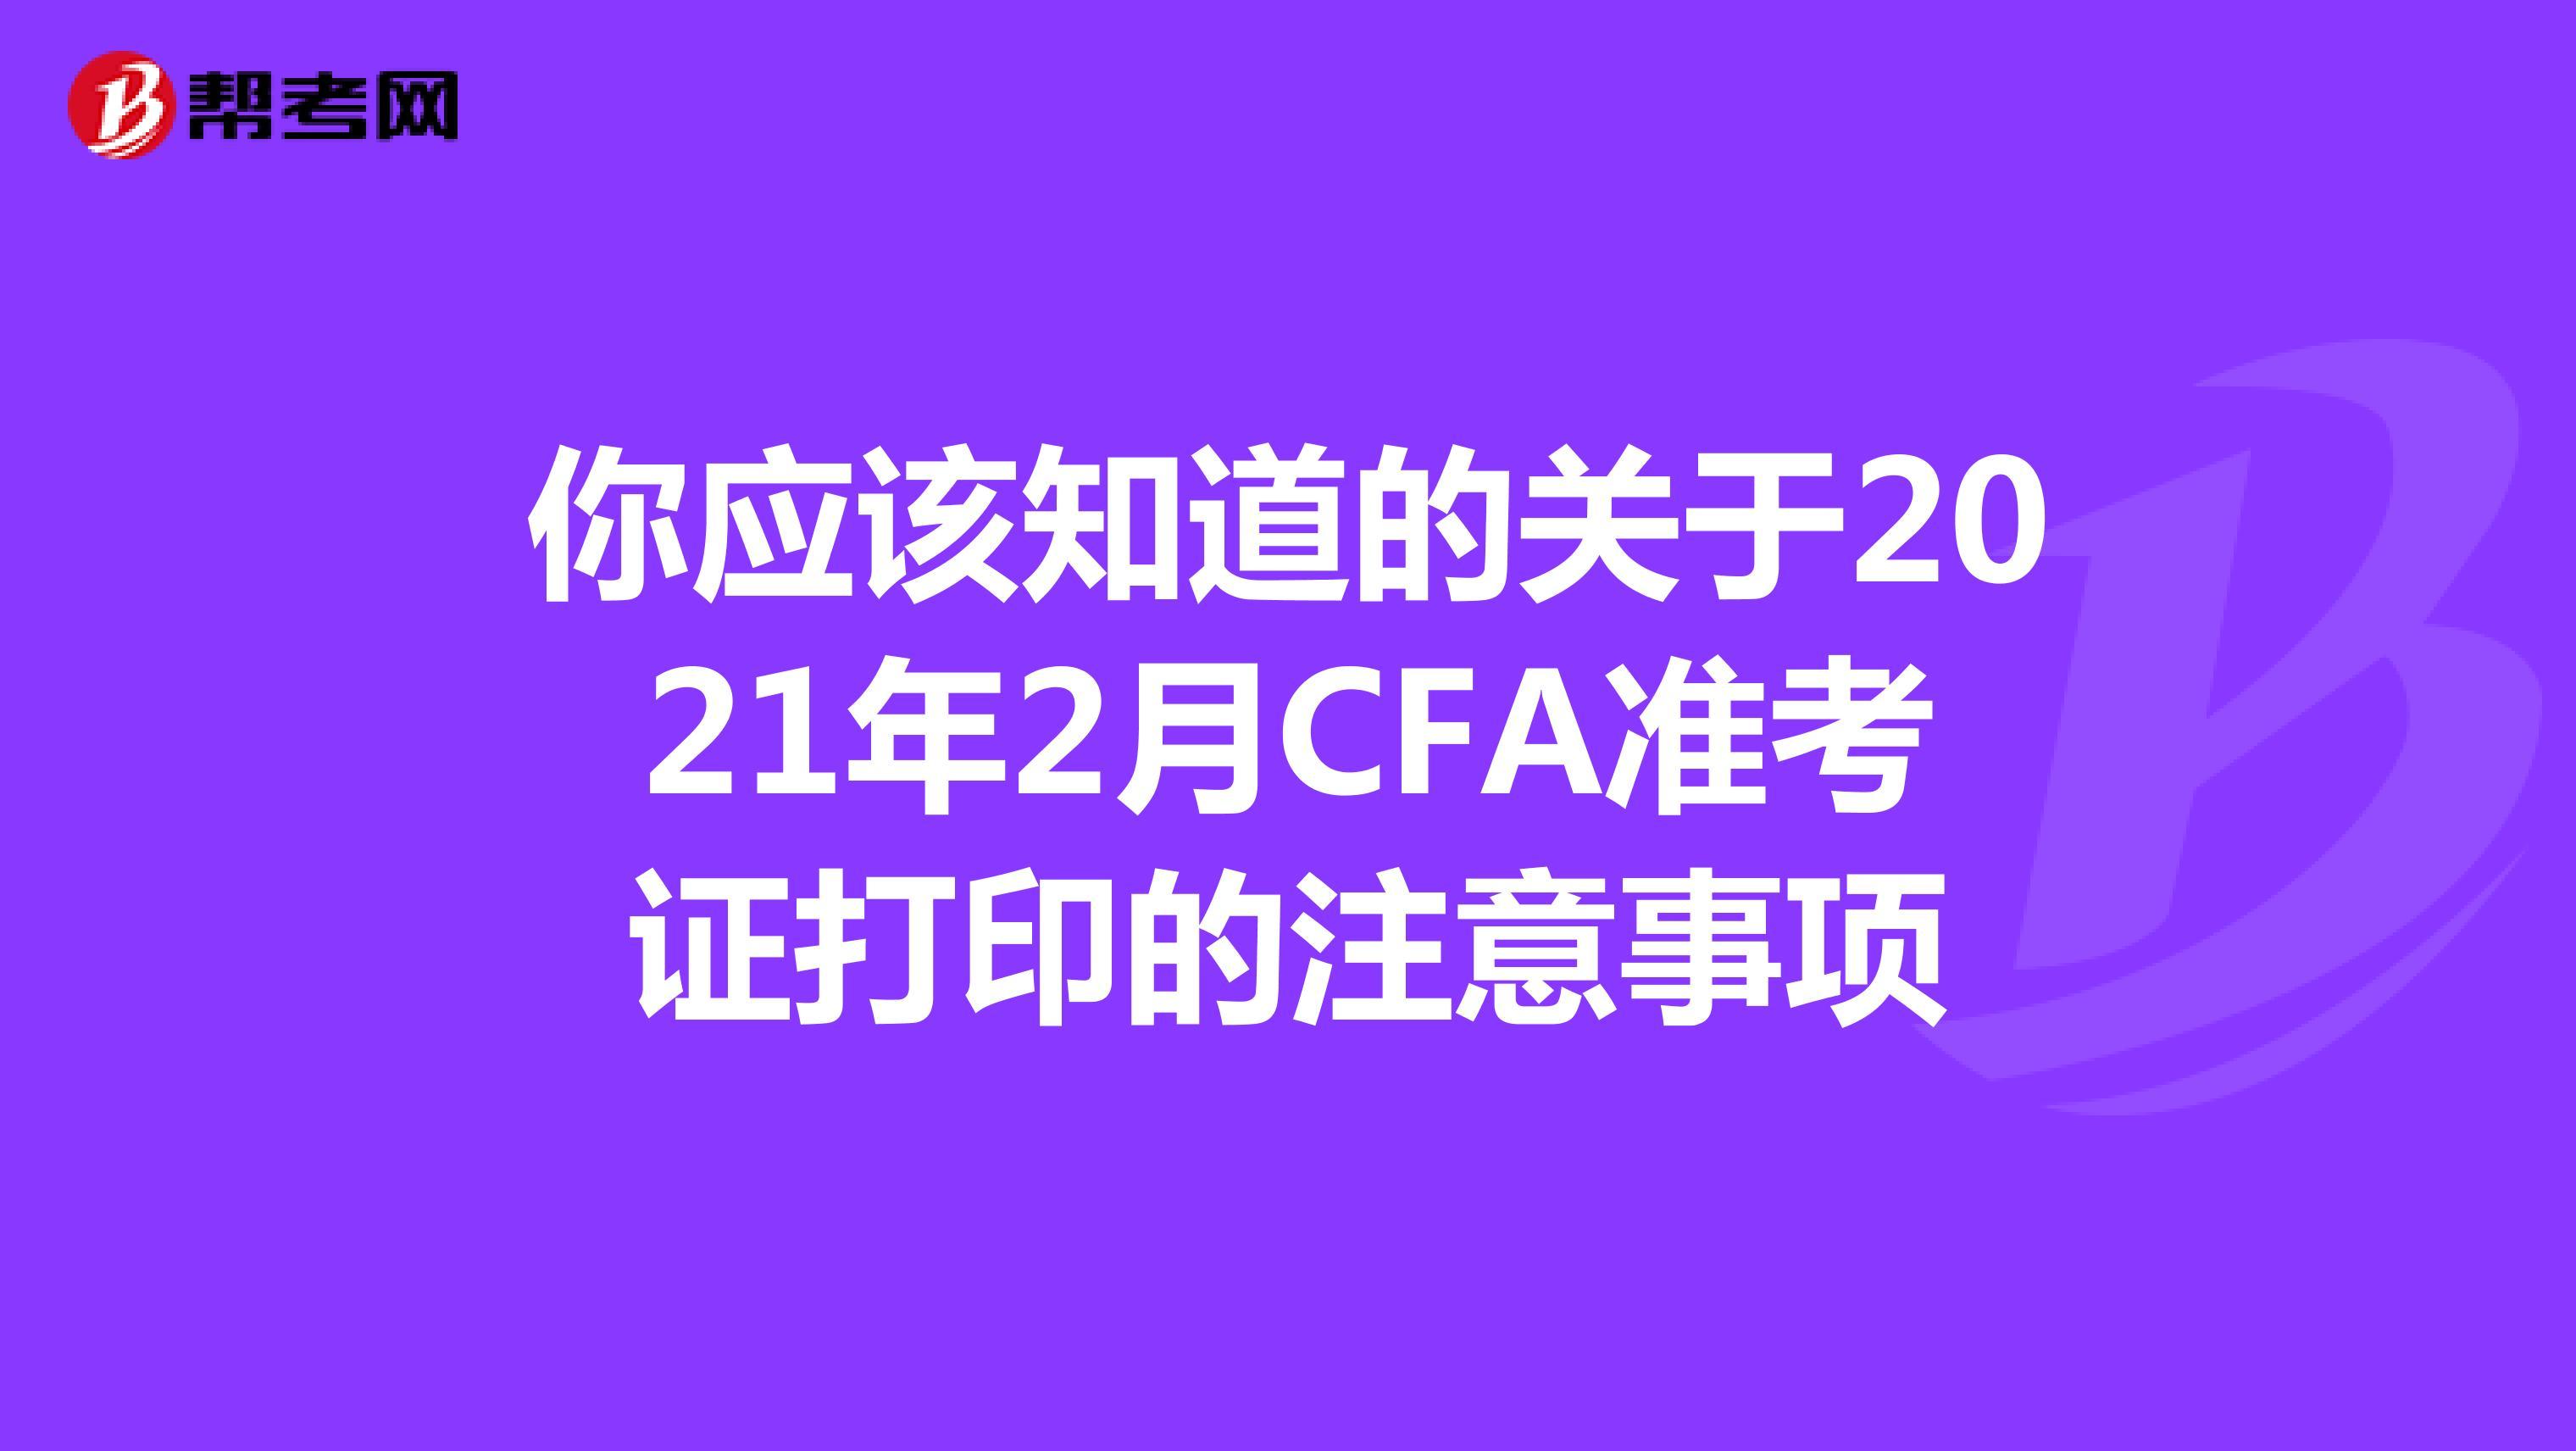 你應該知道的關于2021年2月CFA準考證打印的注意事項